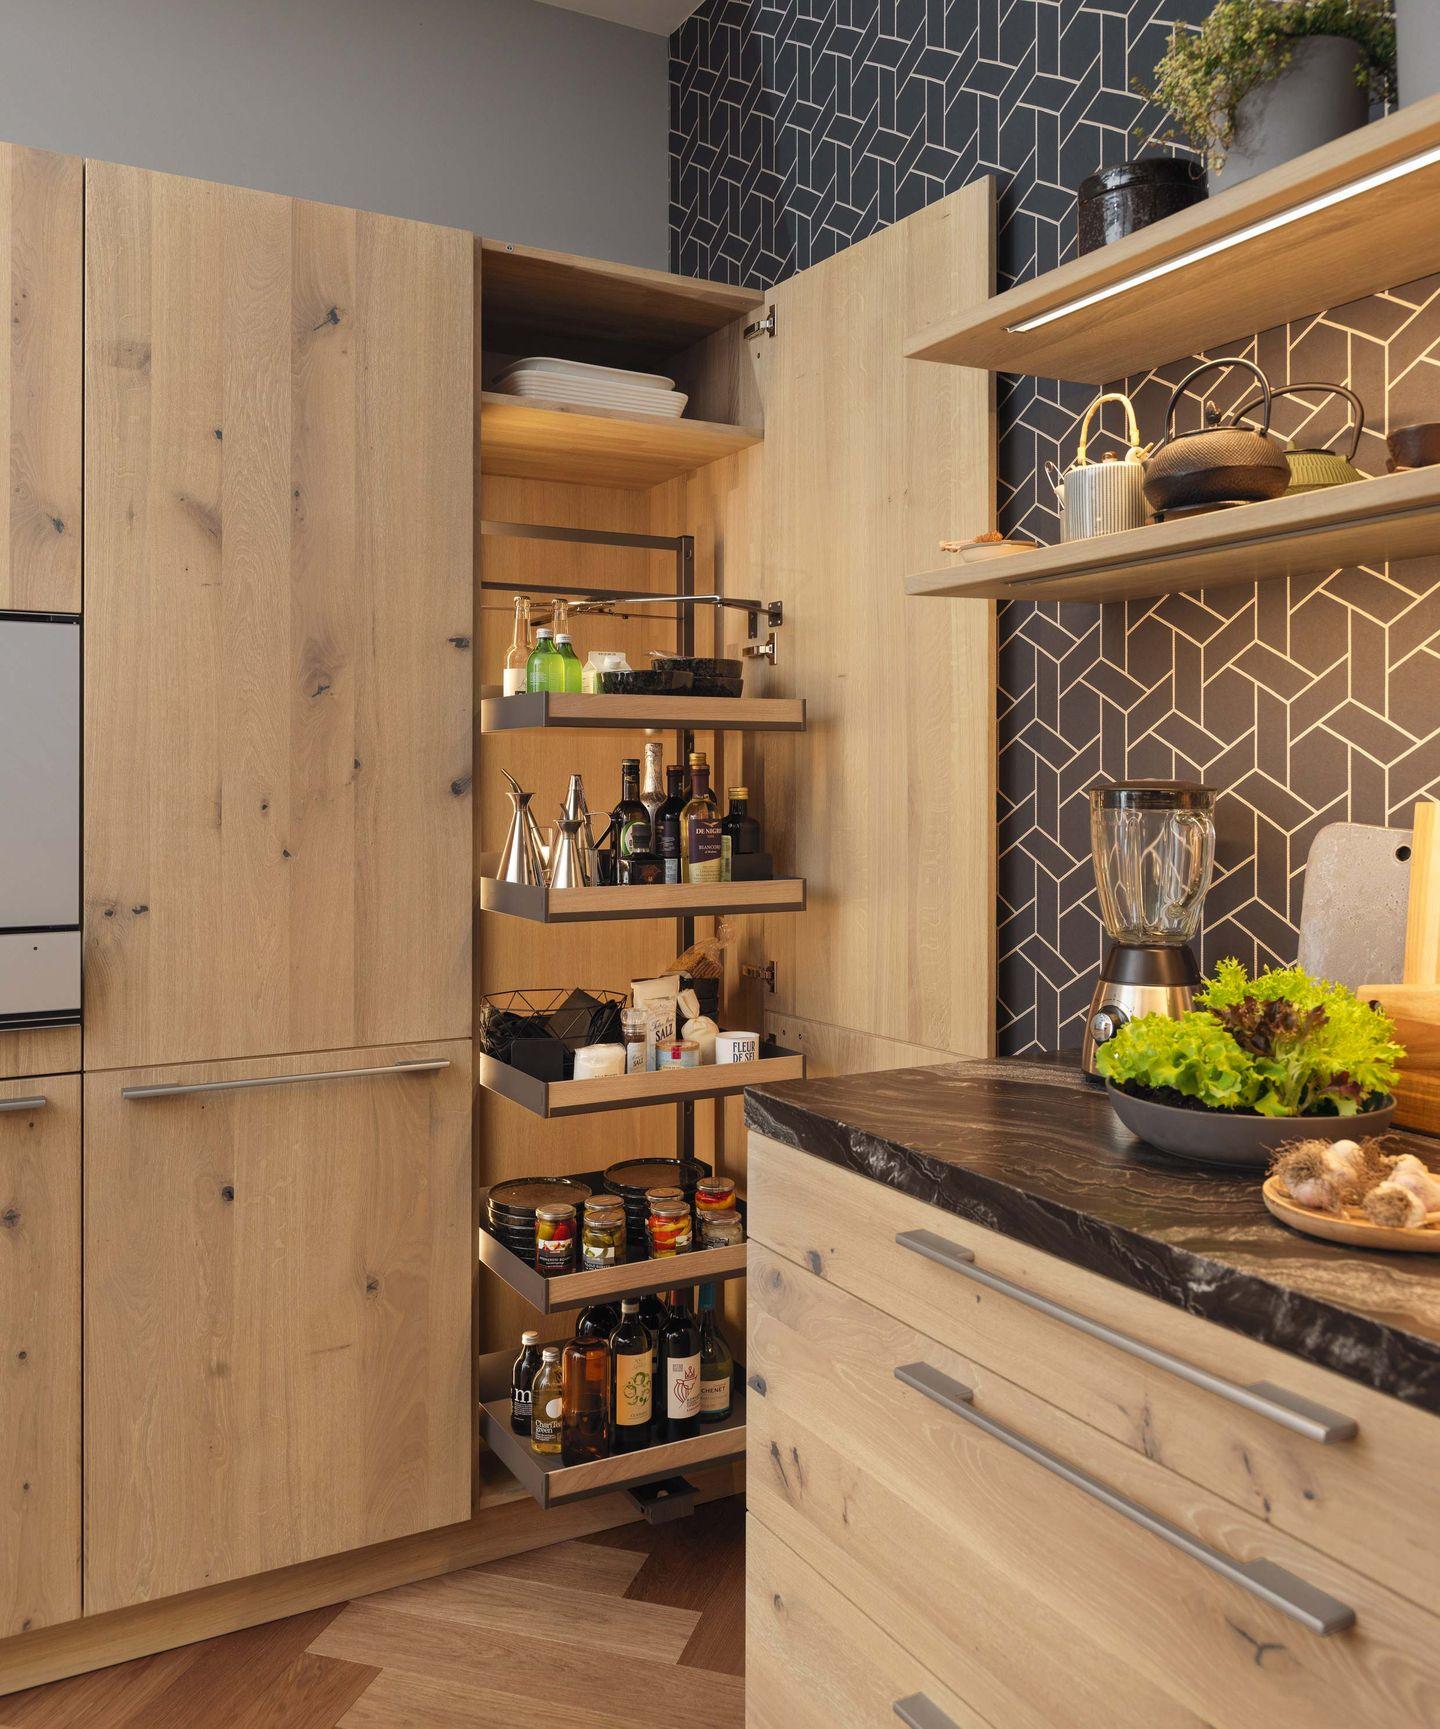 loft Küche Hochschrank mit Tandem-Solo-Auszug